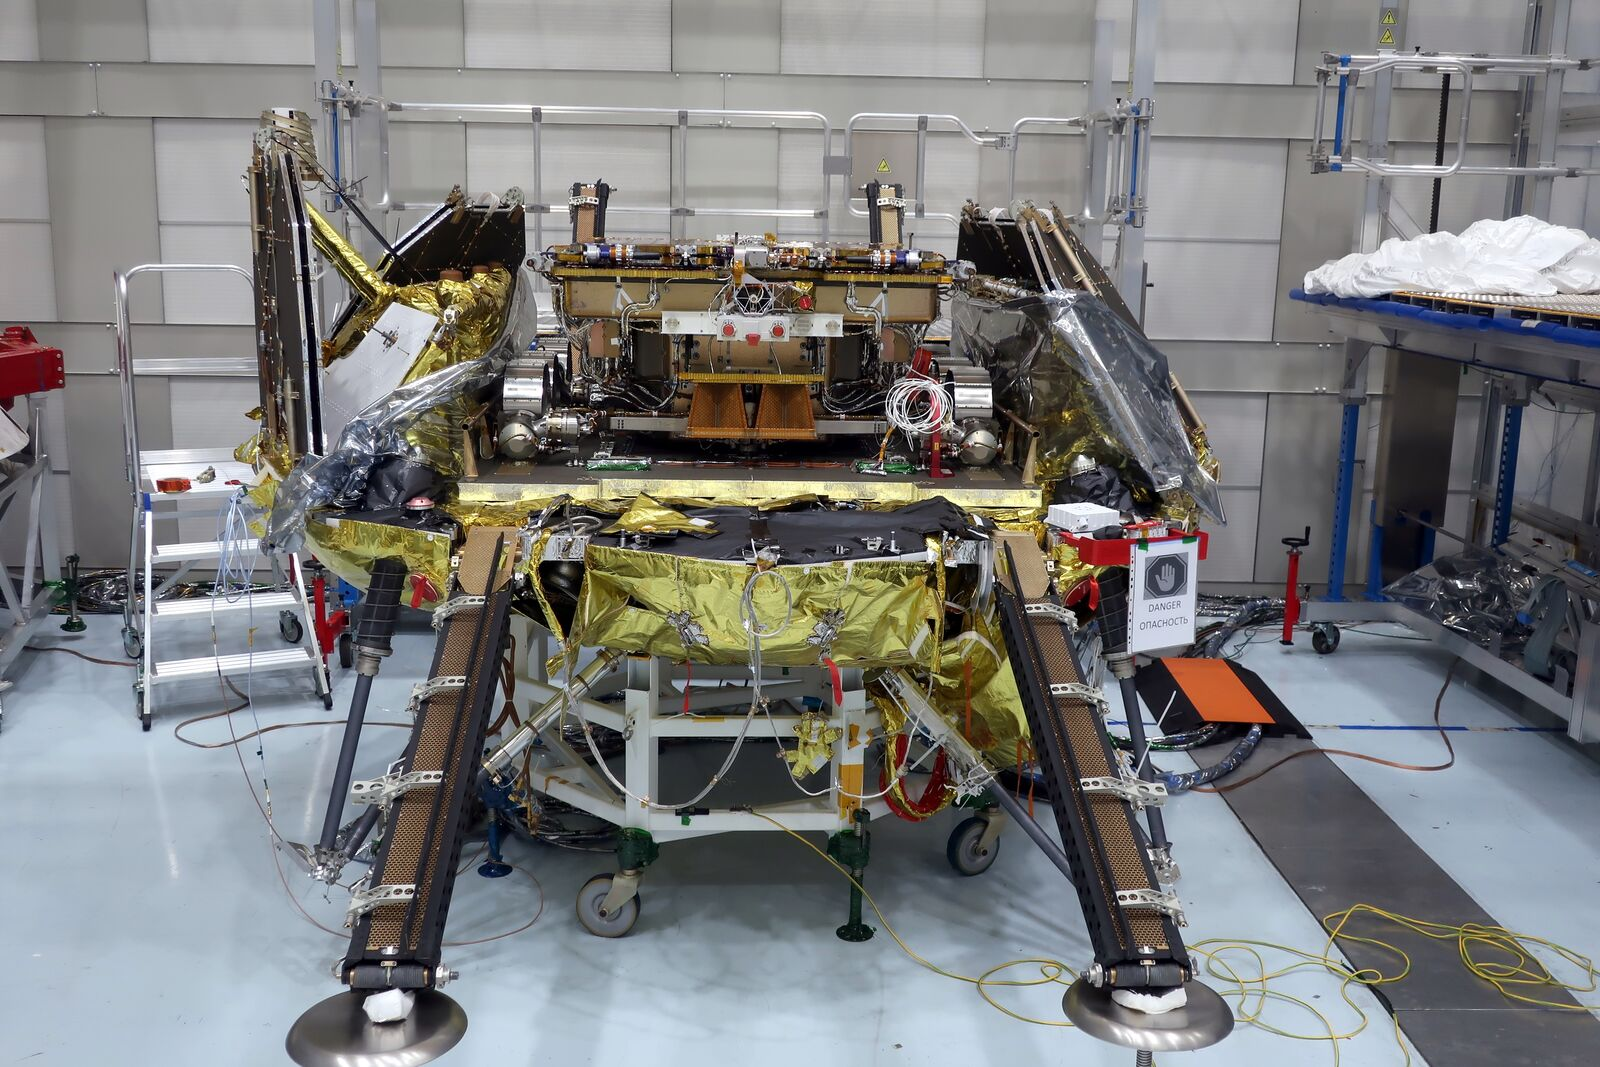 """Наземная платформа """"Казачок"""" с закреплённым на ней марсоходом """"Розалинд Франклин"""", декабрь 2020 года, Франция. Фото © ESA"""